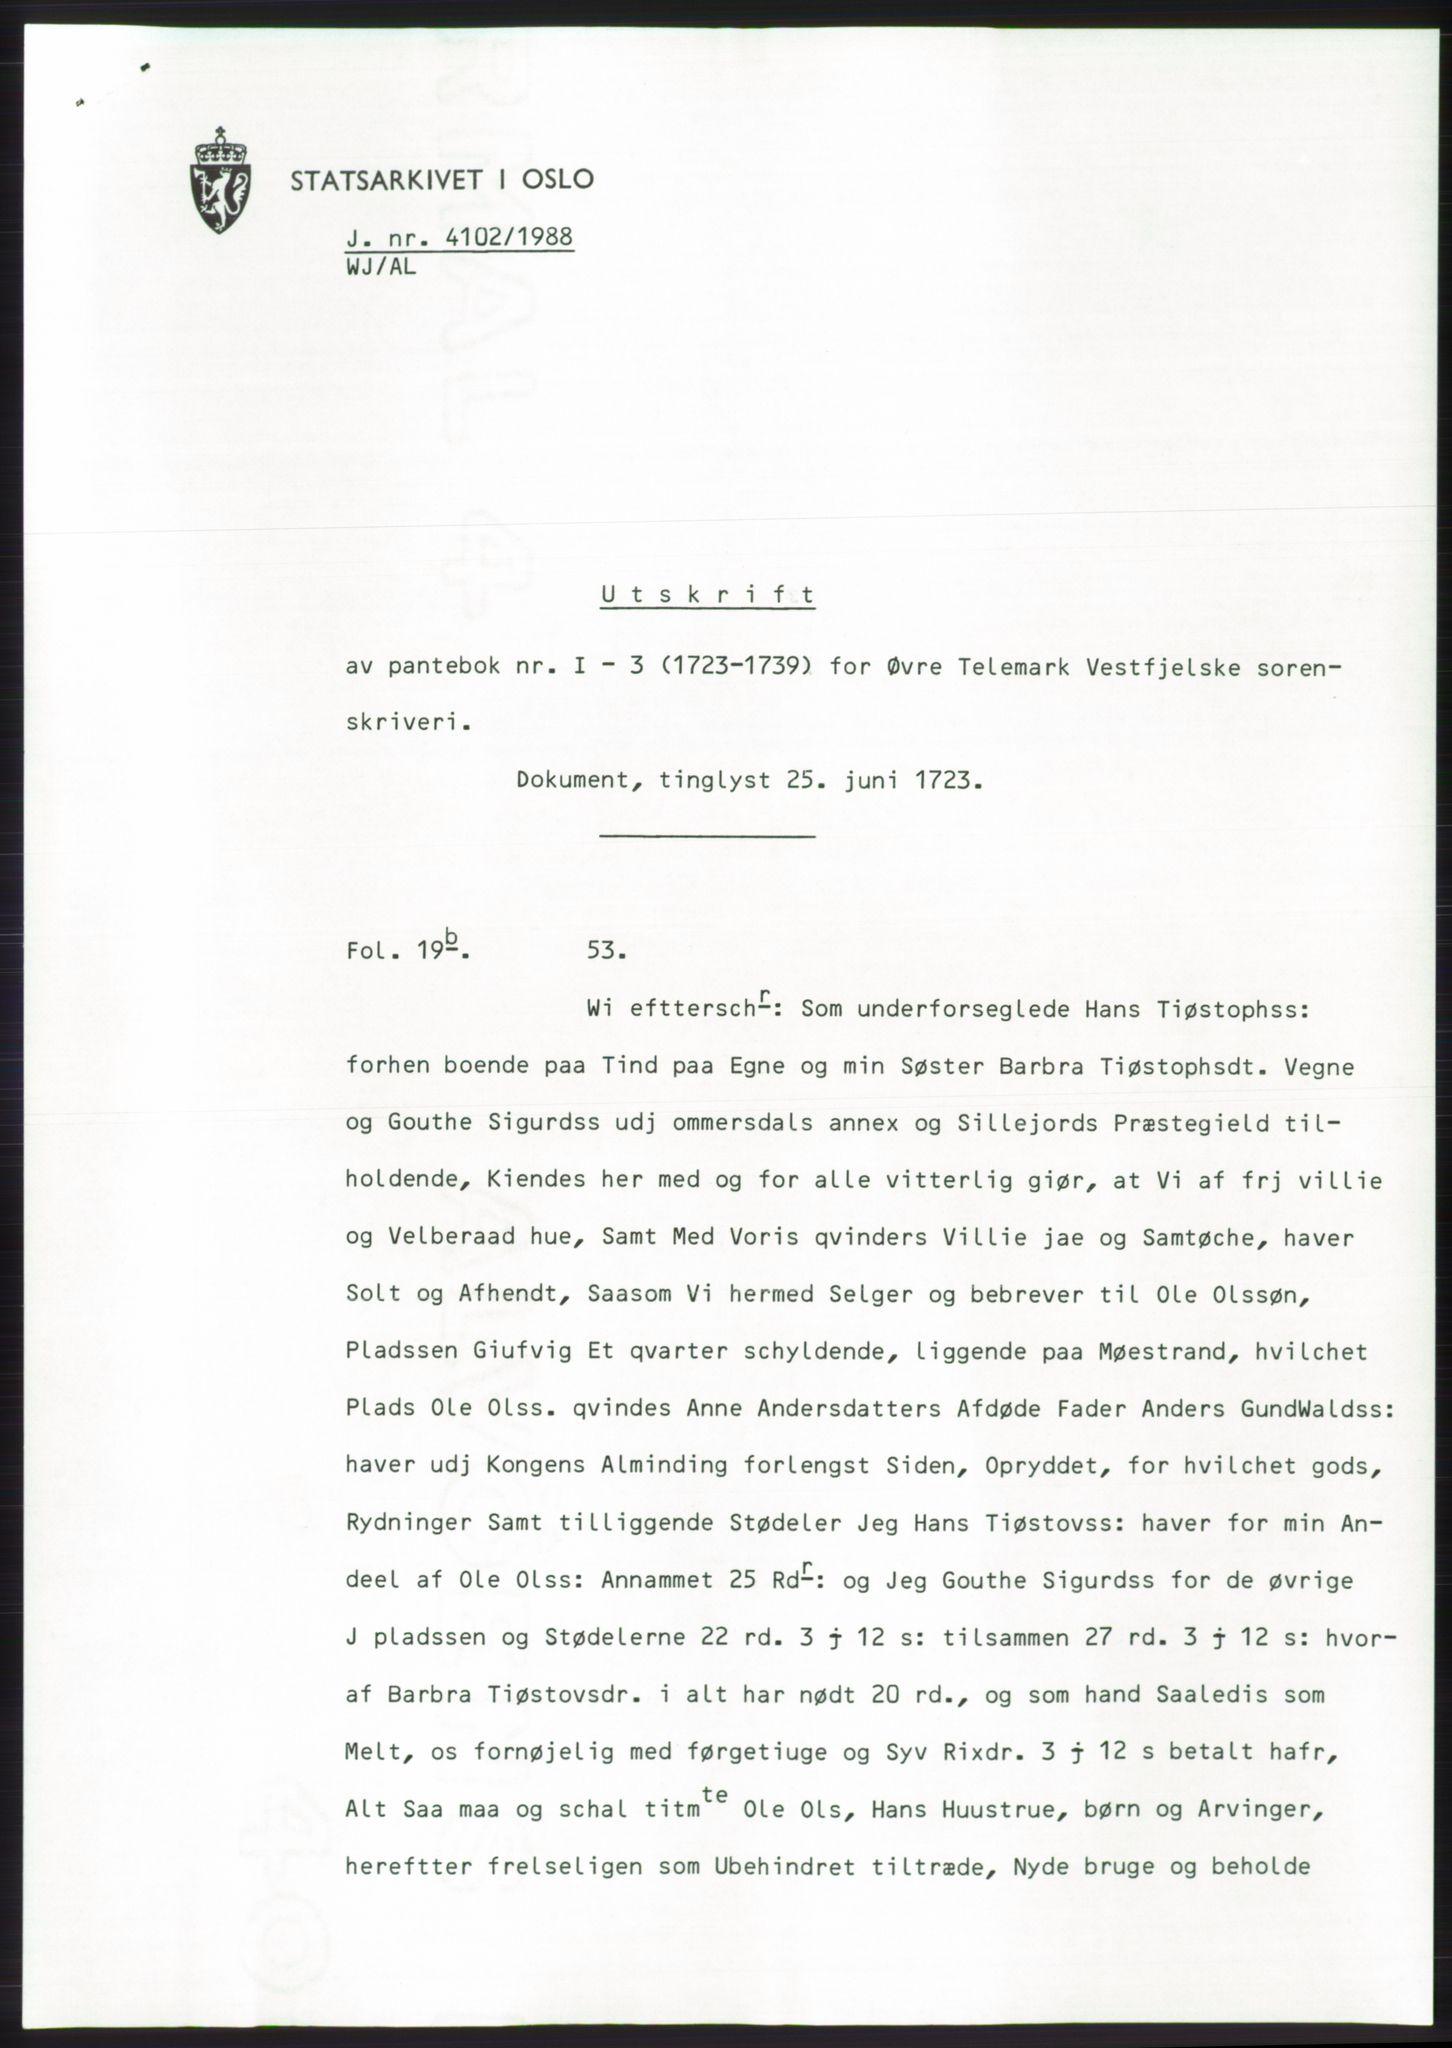 SAKO, Statsarkivet i Kongsberg*, 1988, s. 353